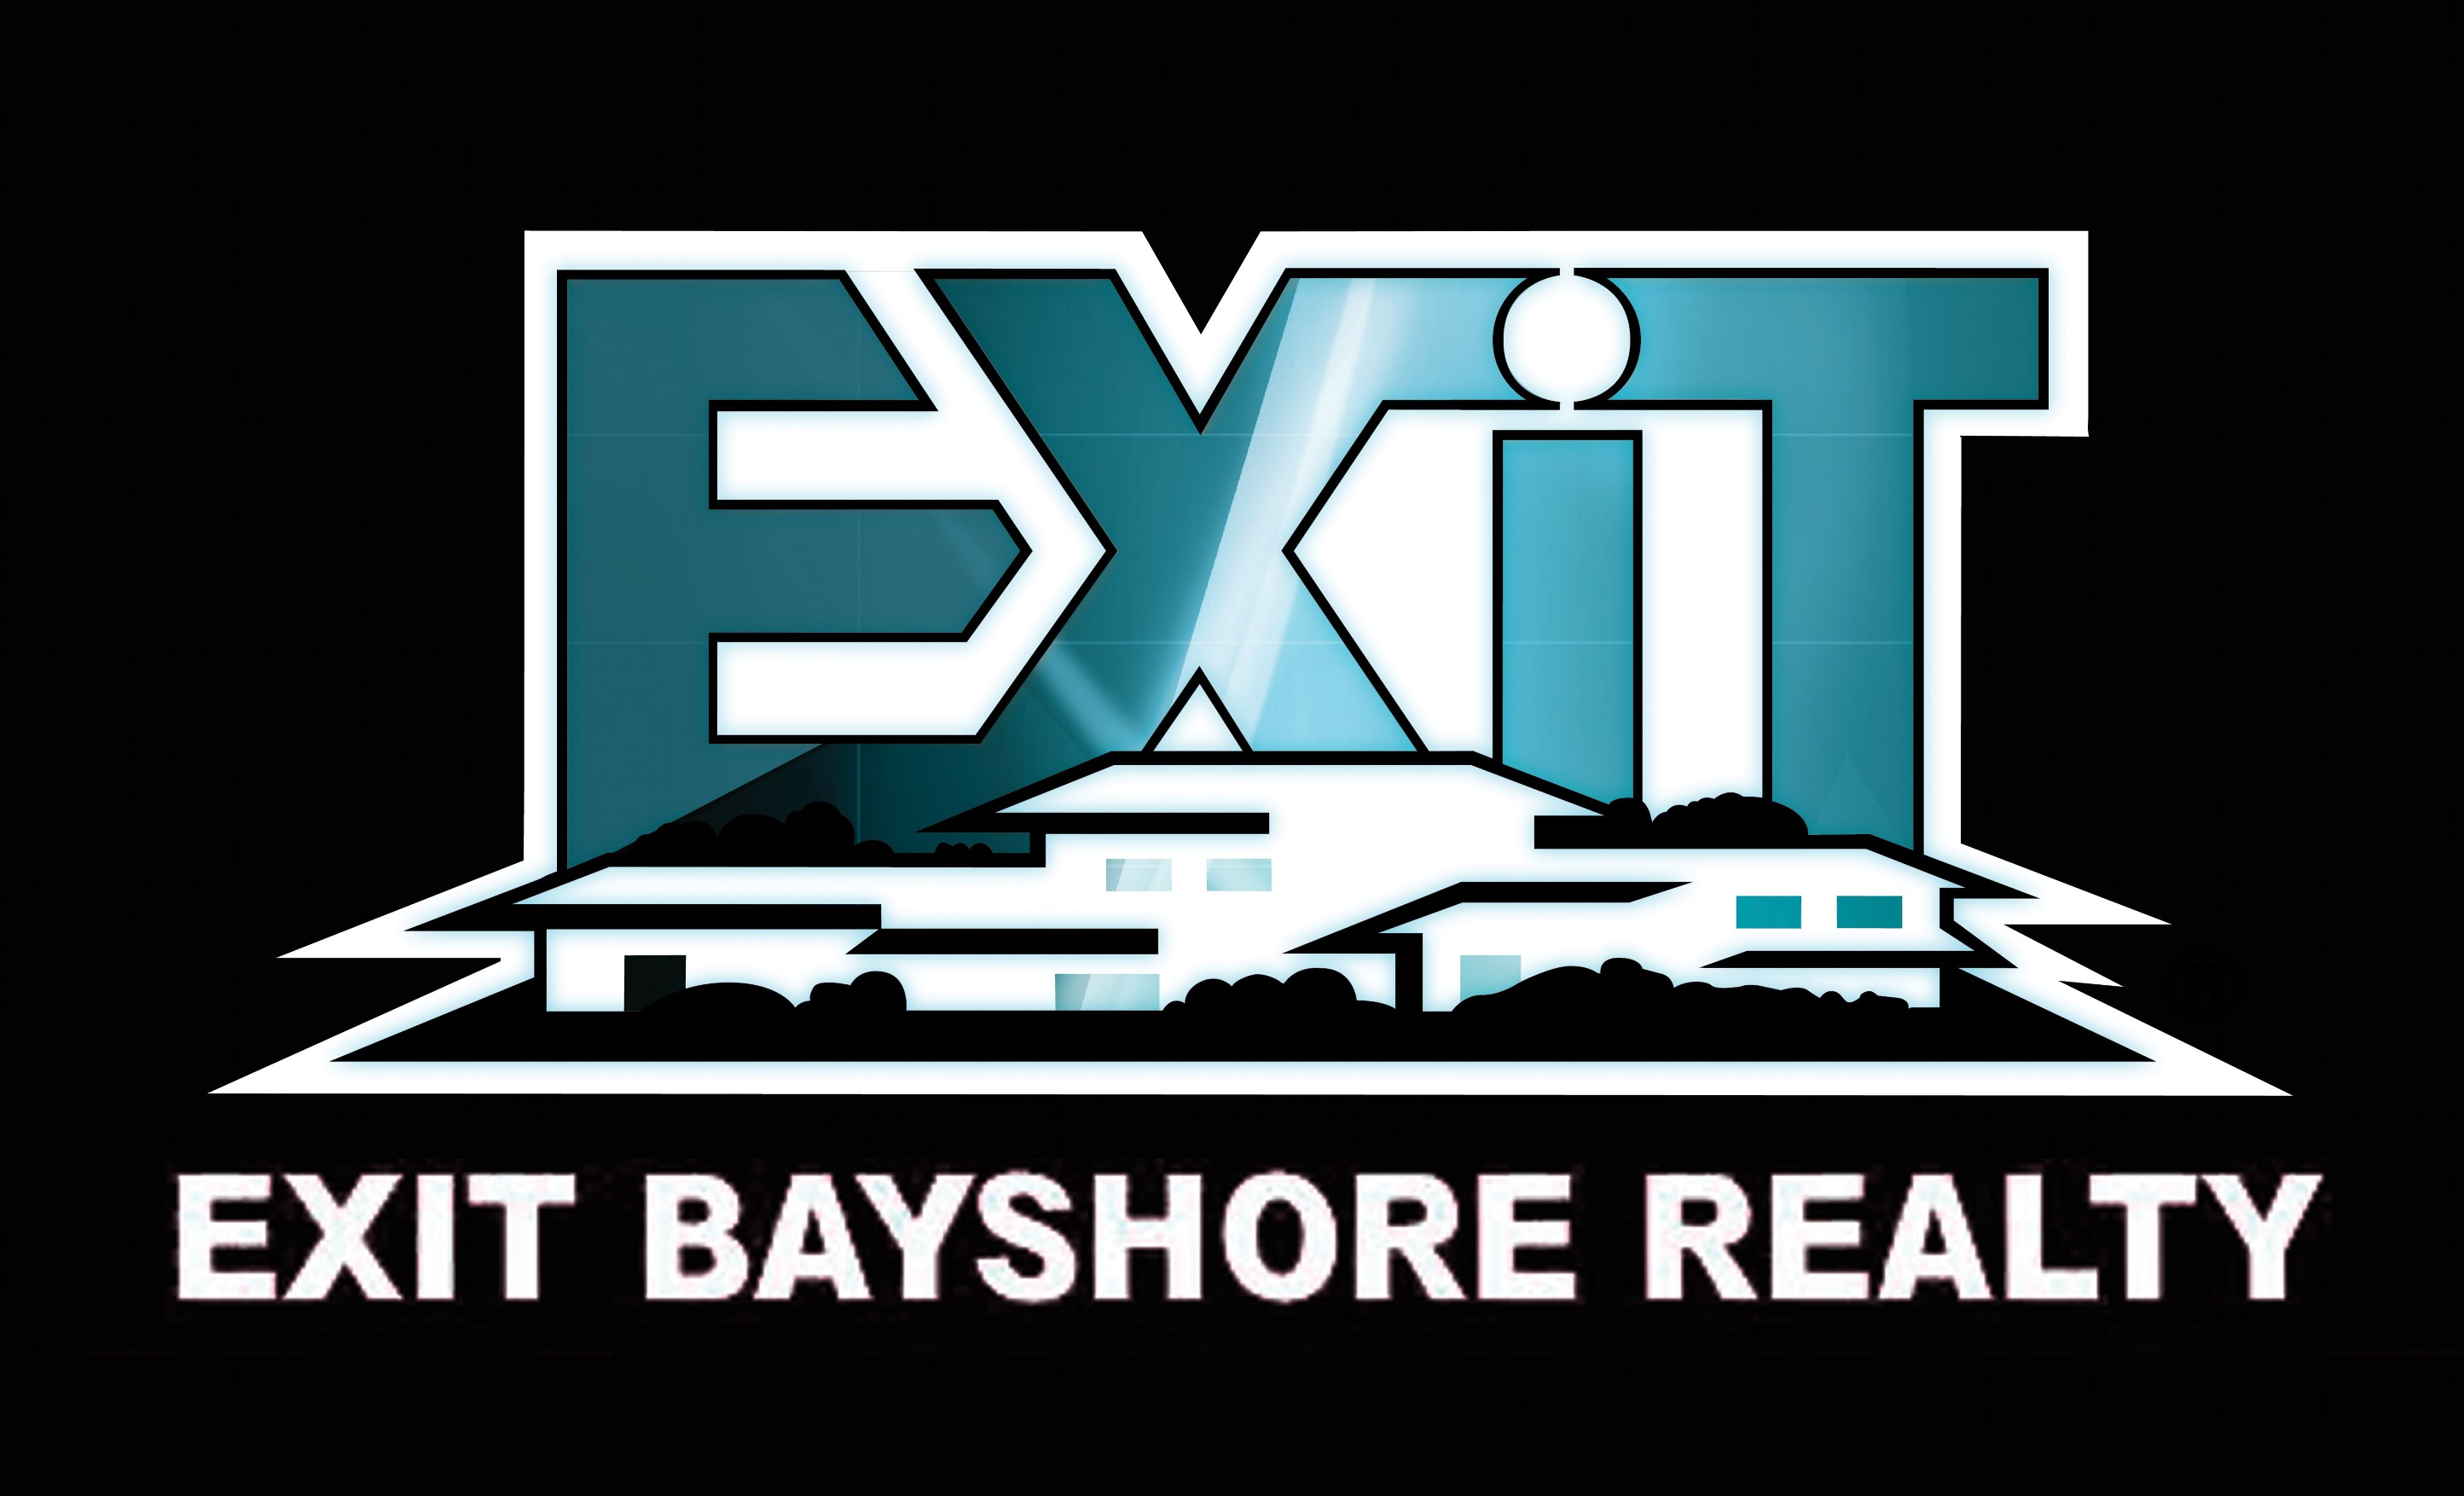 Exit Bayshore Realty